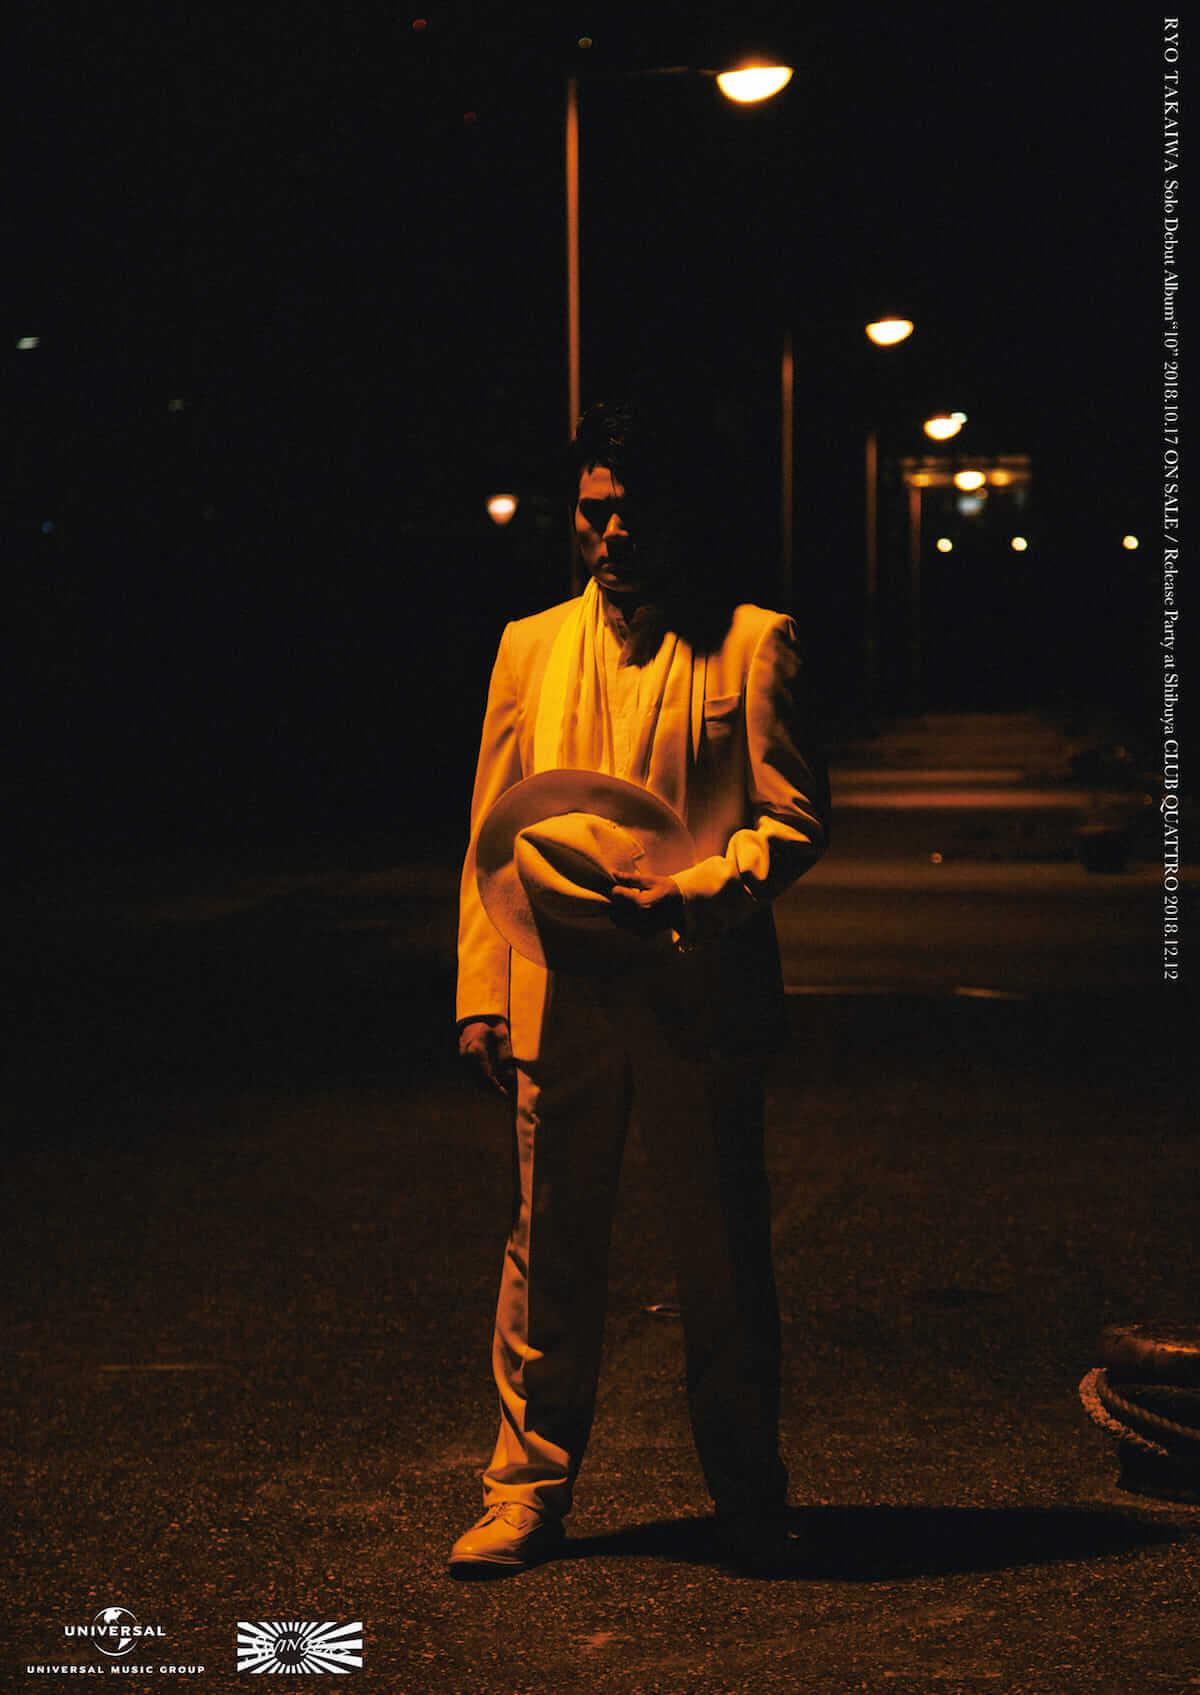 高岩遼、ソロファーストアルバム「10」を10月にリリース|ショート・ドキュメンタリー&ライブ映像『髙岩遼、おまえは誰だ?』も公開 music180713-ryo-takaiwa-2-1200x1695